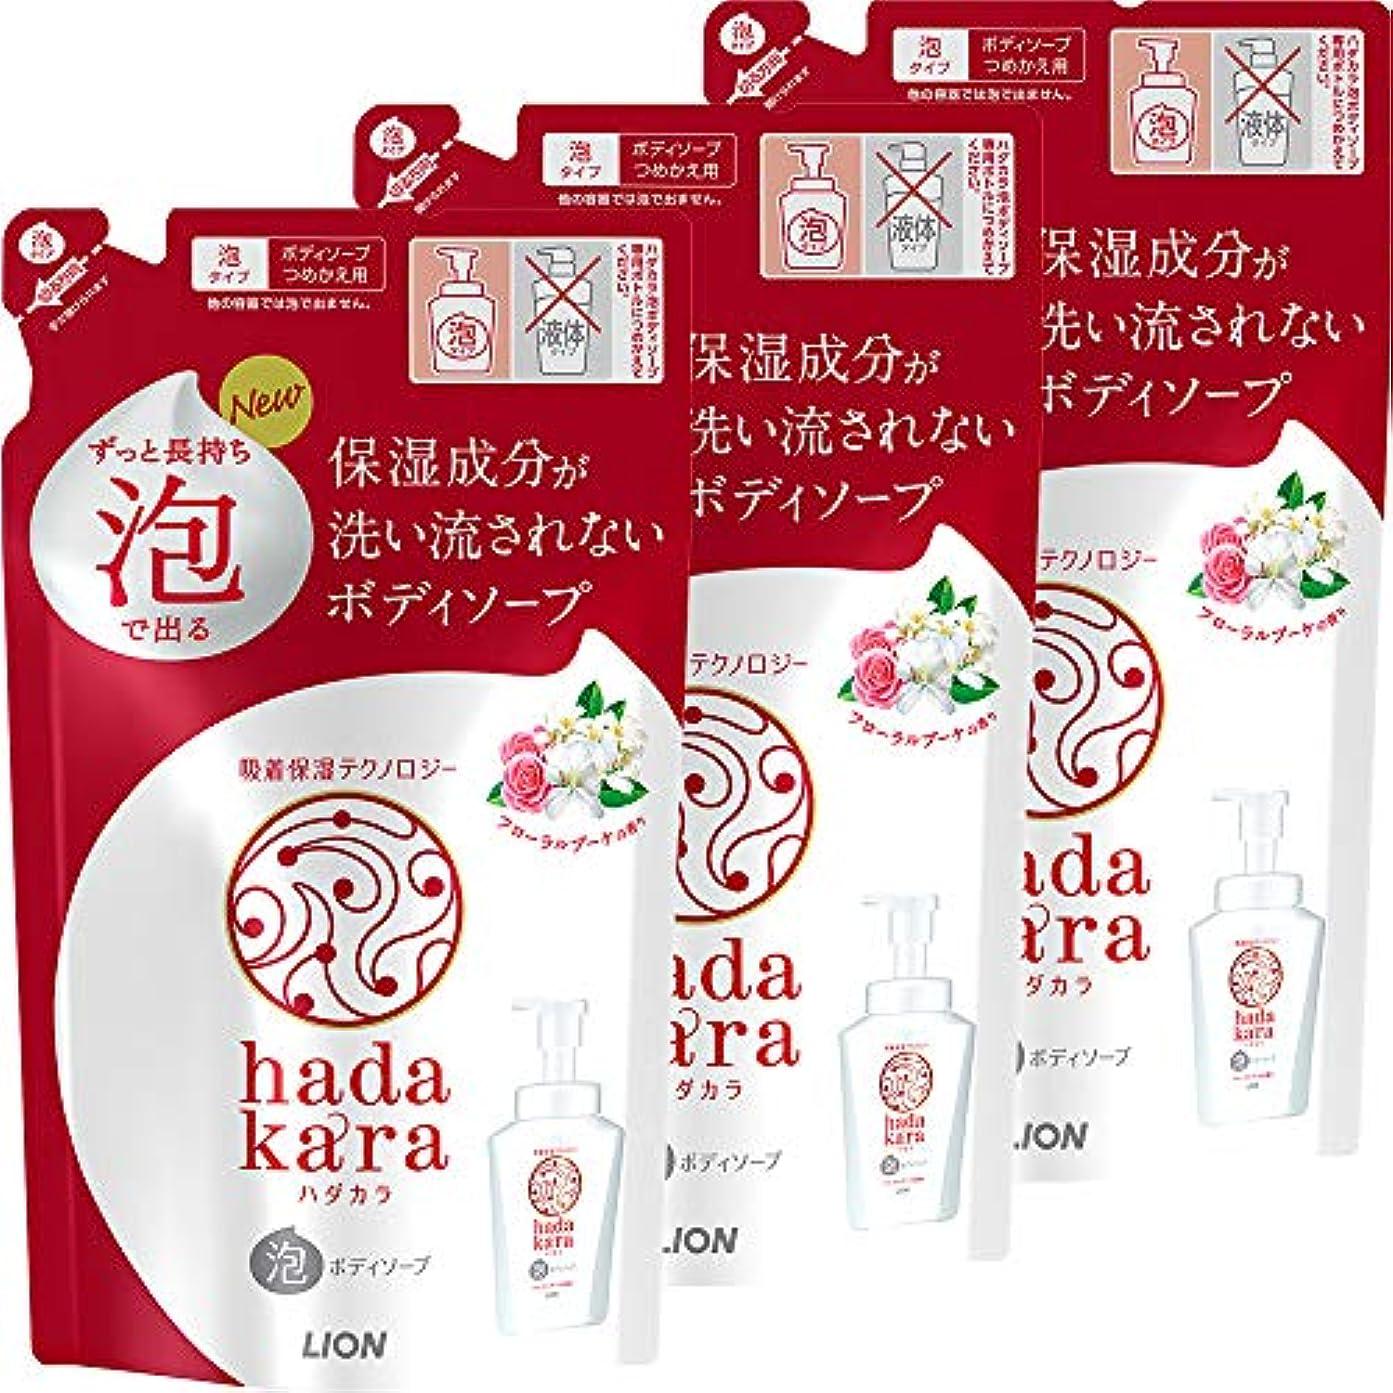 hadakara(ハダカラ) ボディソープ 泡タイプ フローラルブーケの香り 詰替440ml×3個